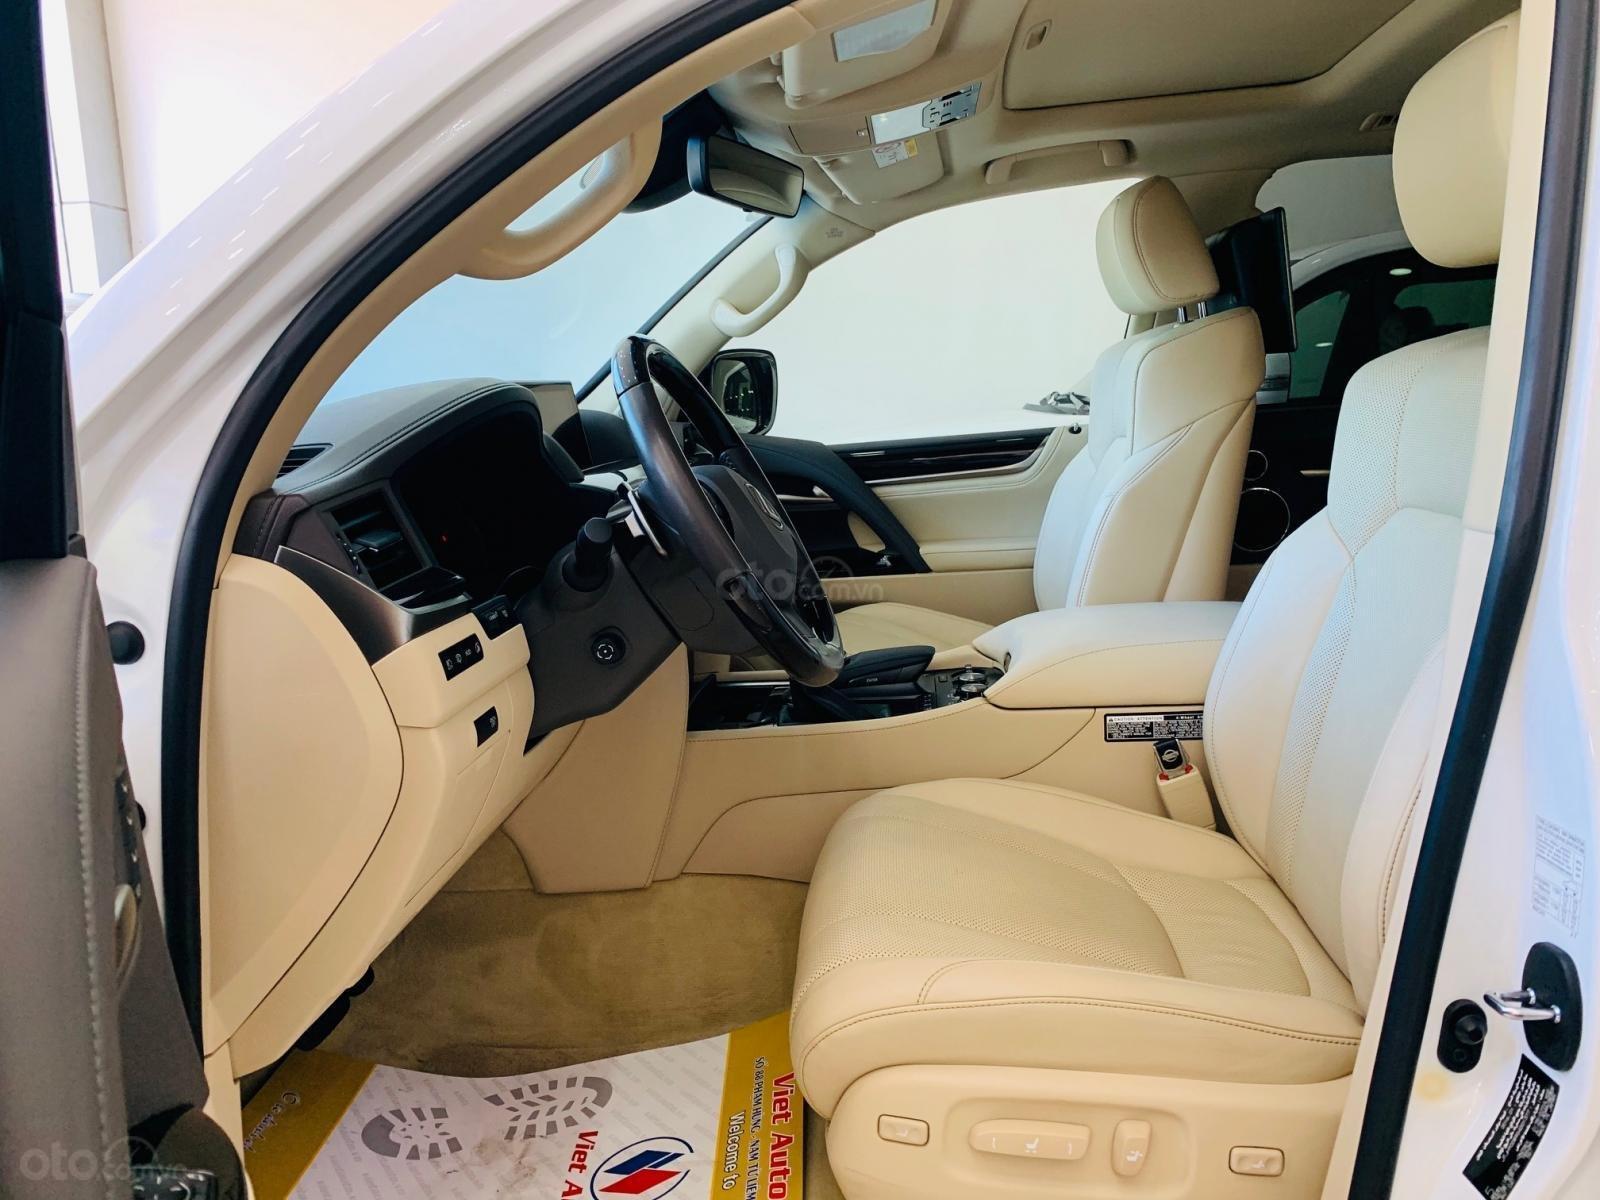 Bán ô tô Lexus LX super sport model 2017, đăng ký 2019 màu trắng, nhập khẩu, mới 99% (9)